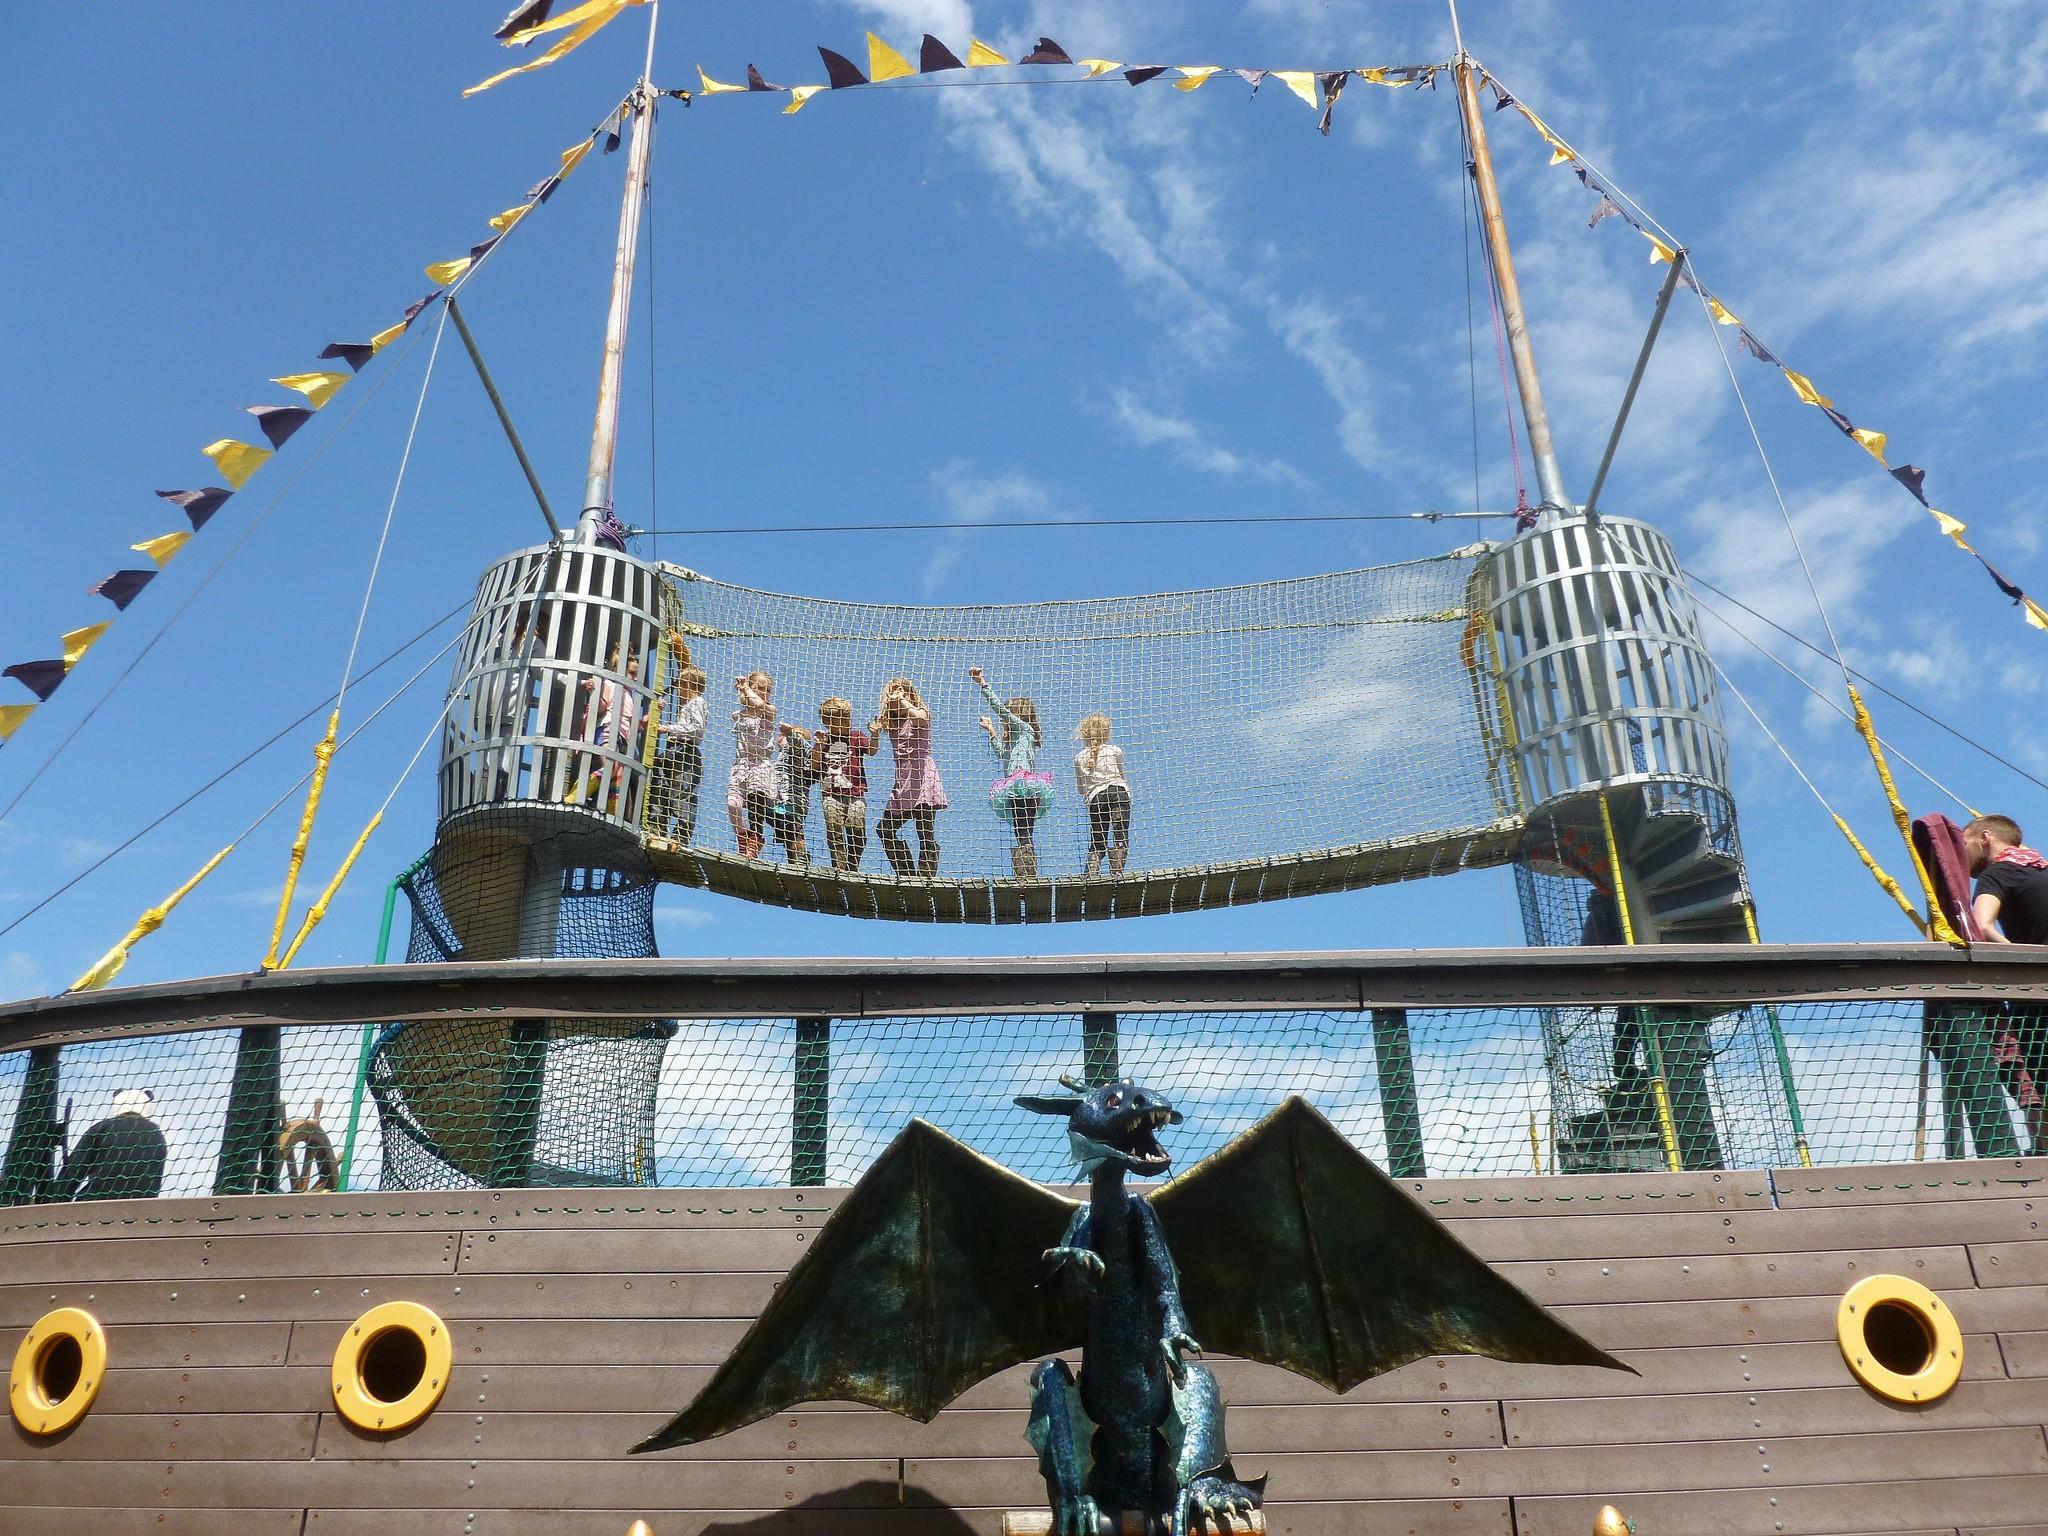 Le bateau pirate dans Green Kids.